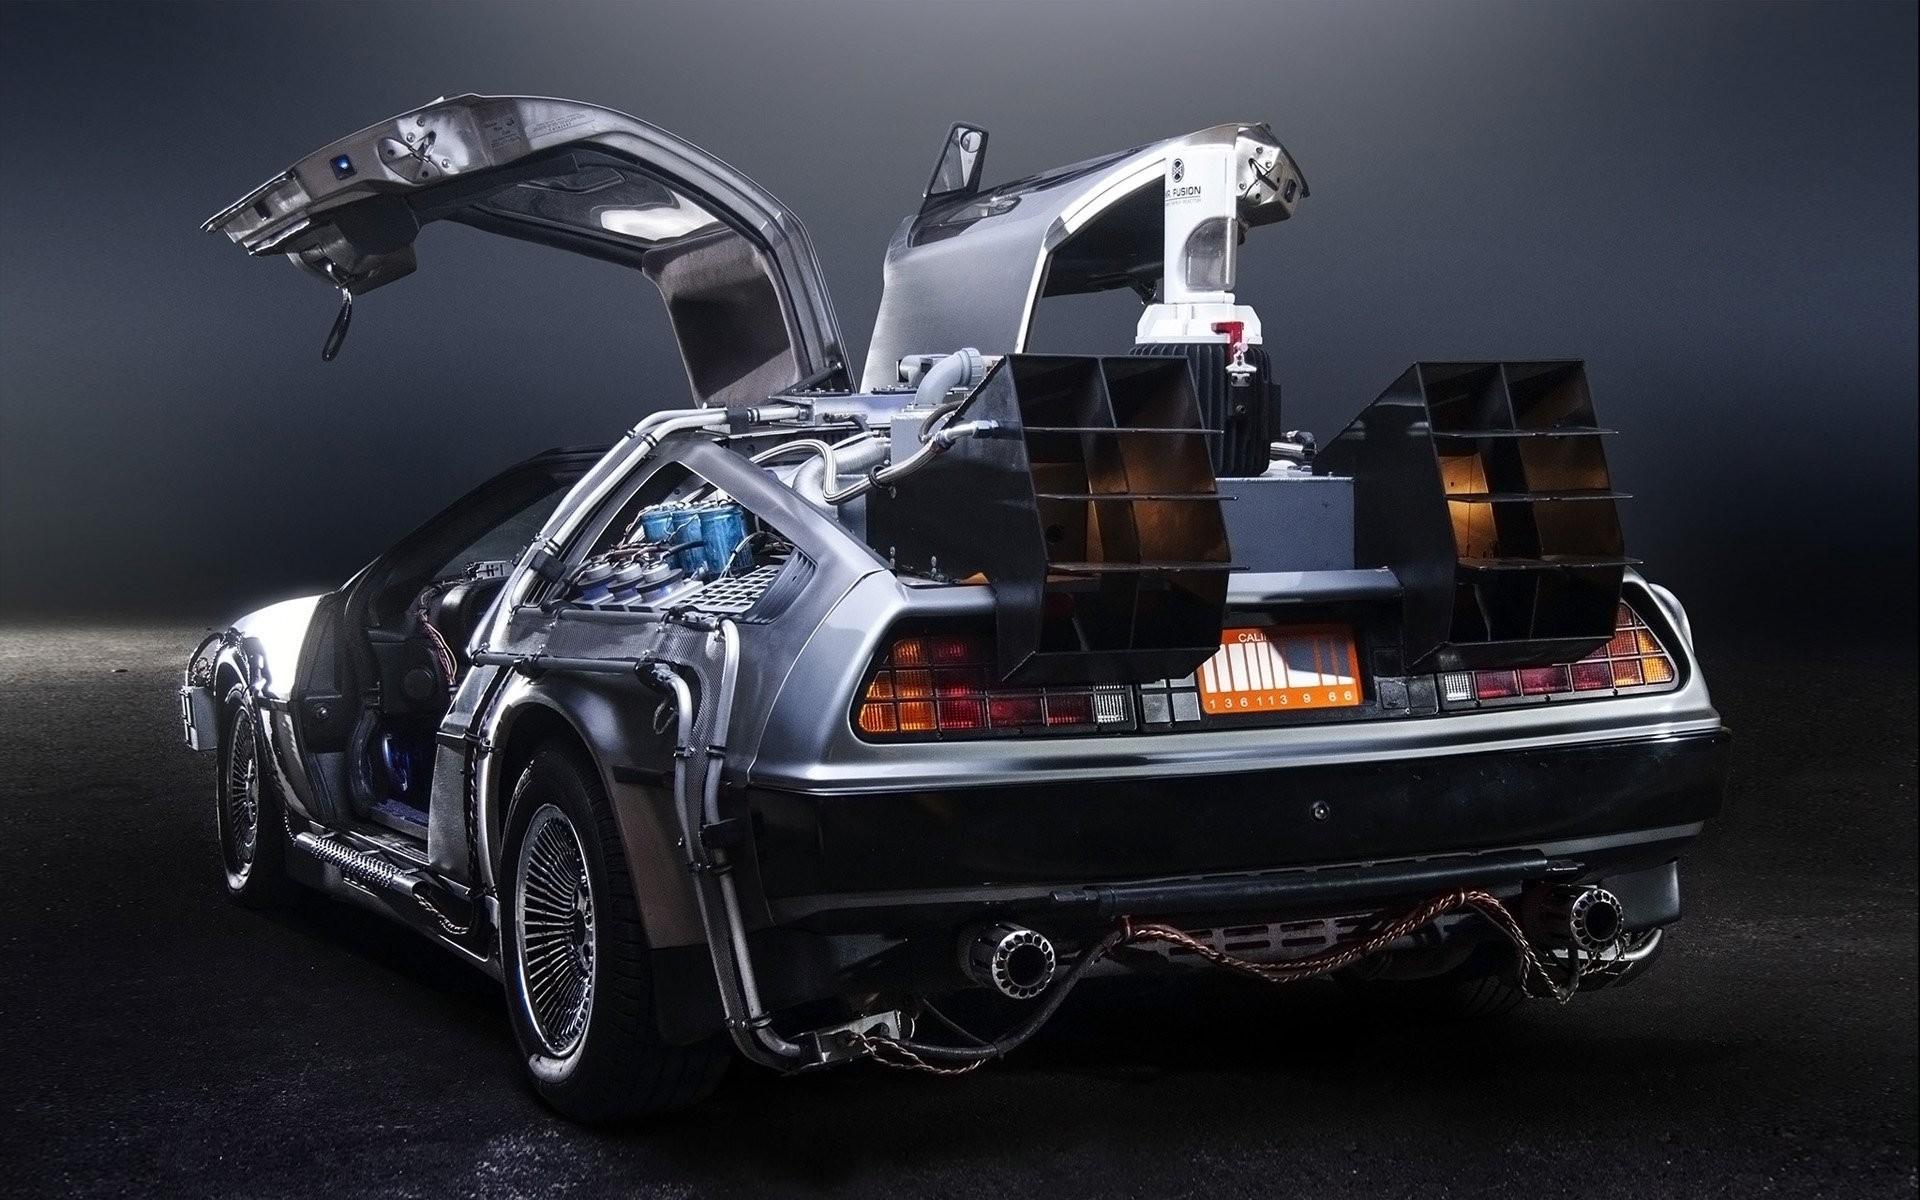 delorean dmc-12 back to the future time machine delorean back to the future  time